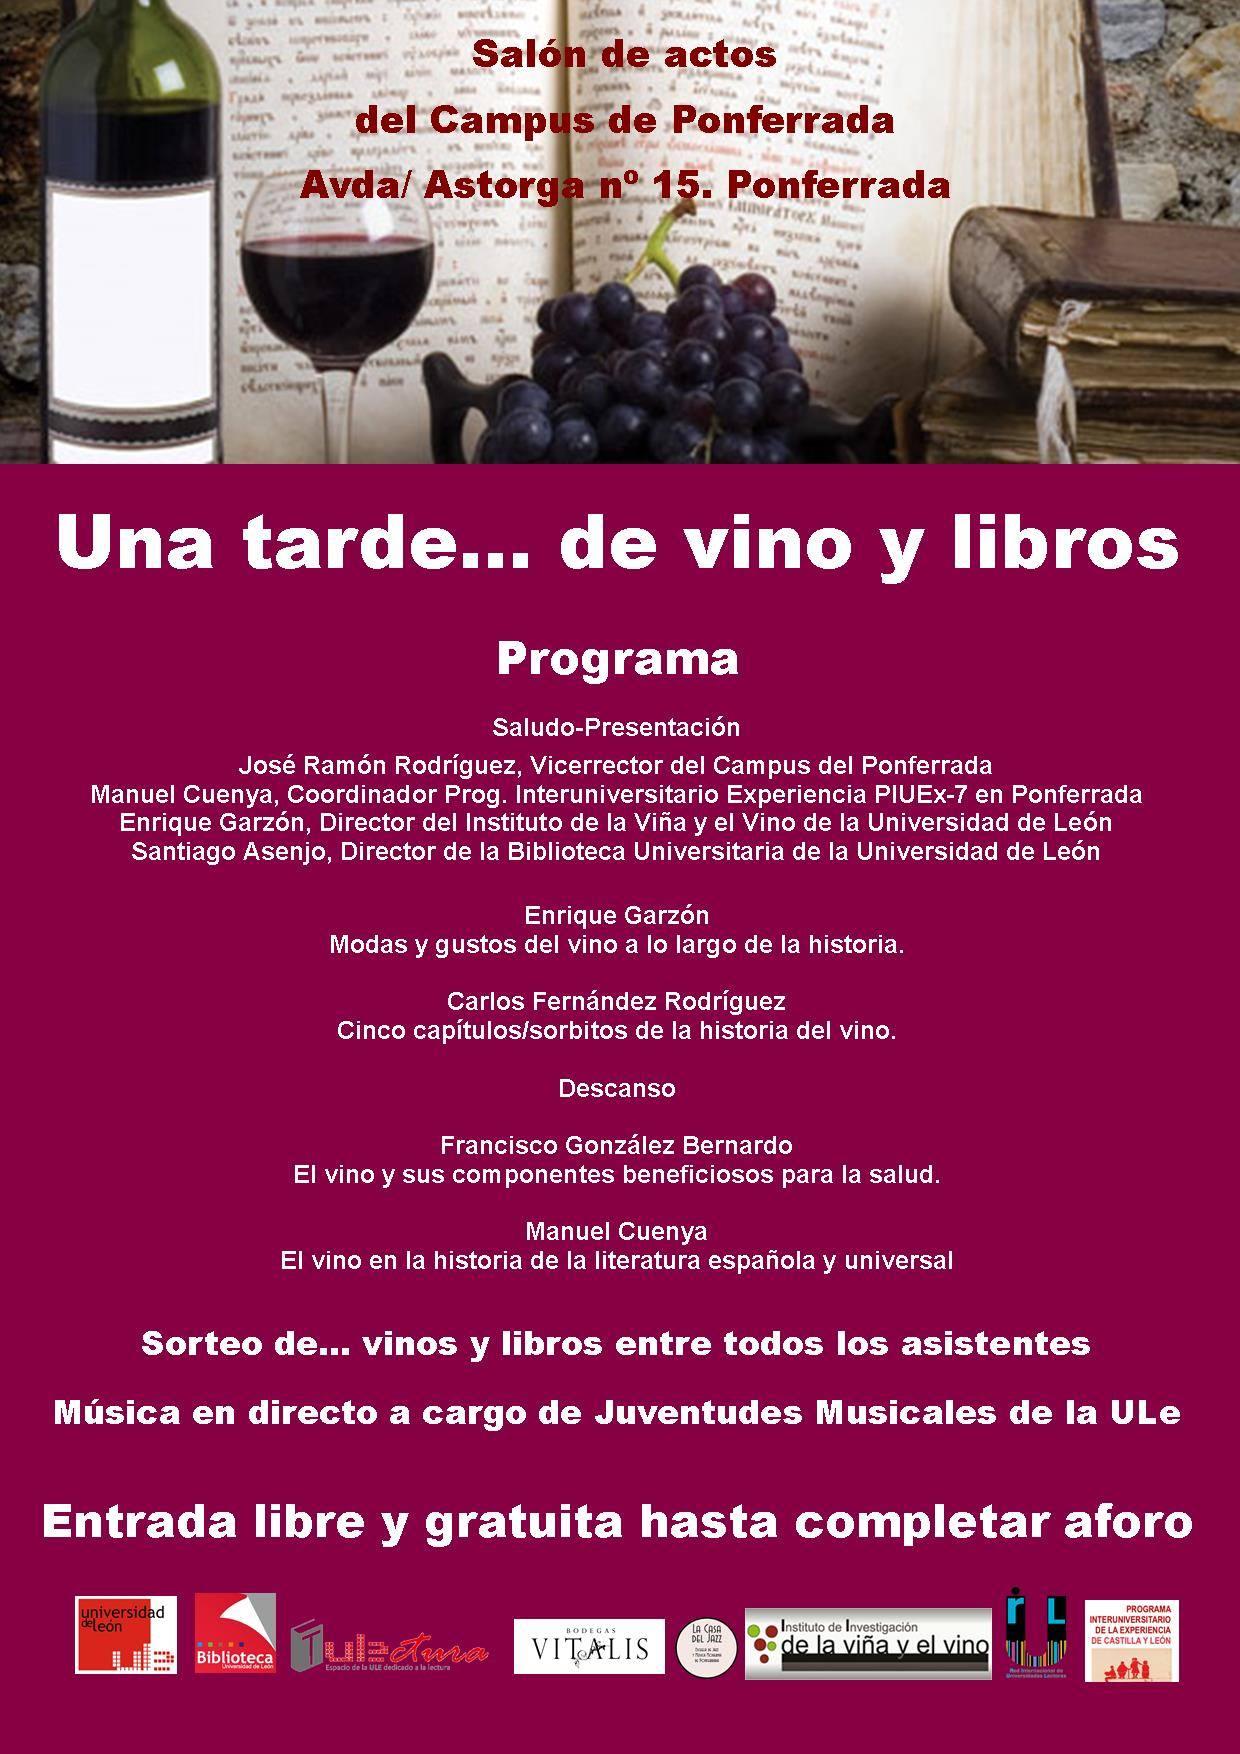 Una tarde... de vino y libros